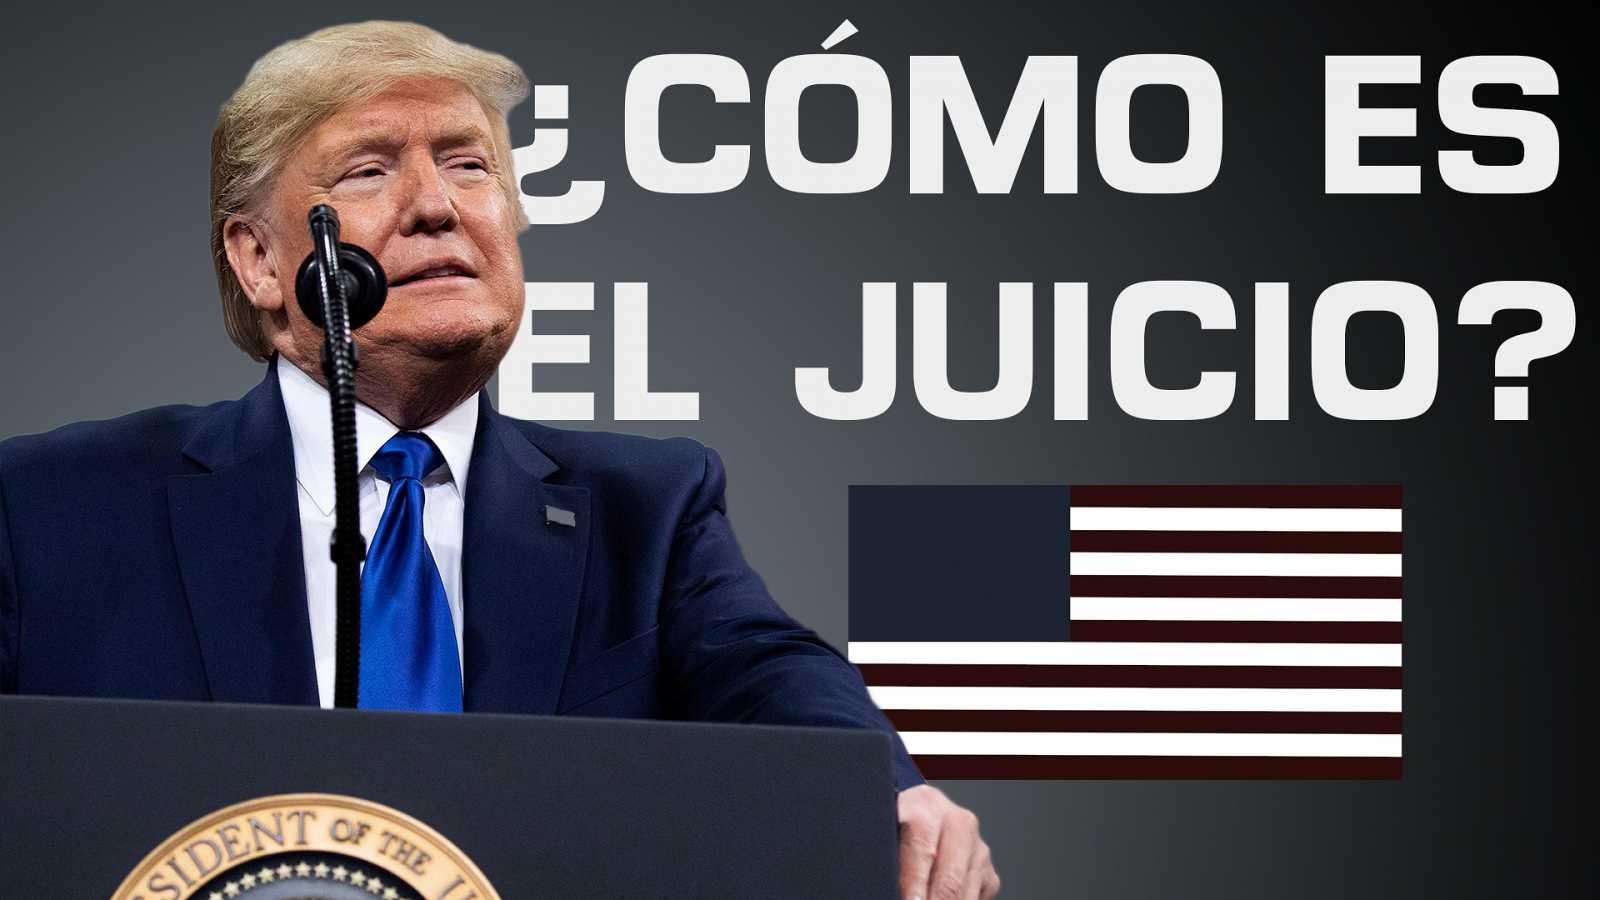 La aprobación a Trump entre los estadounidenses aumenta